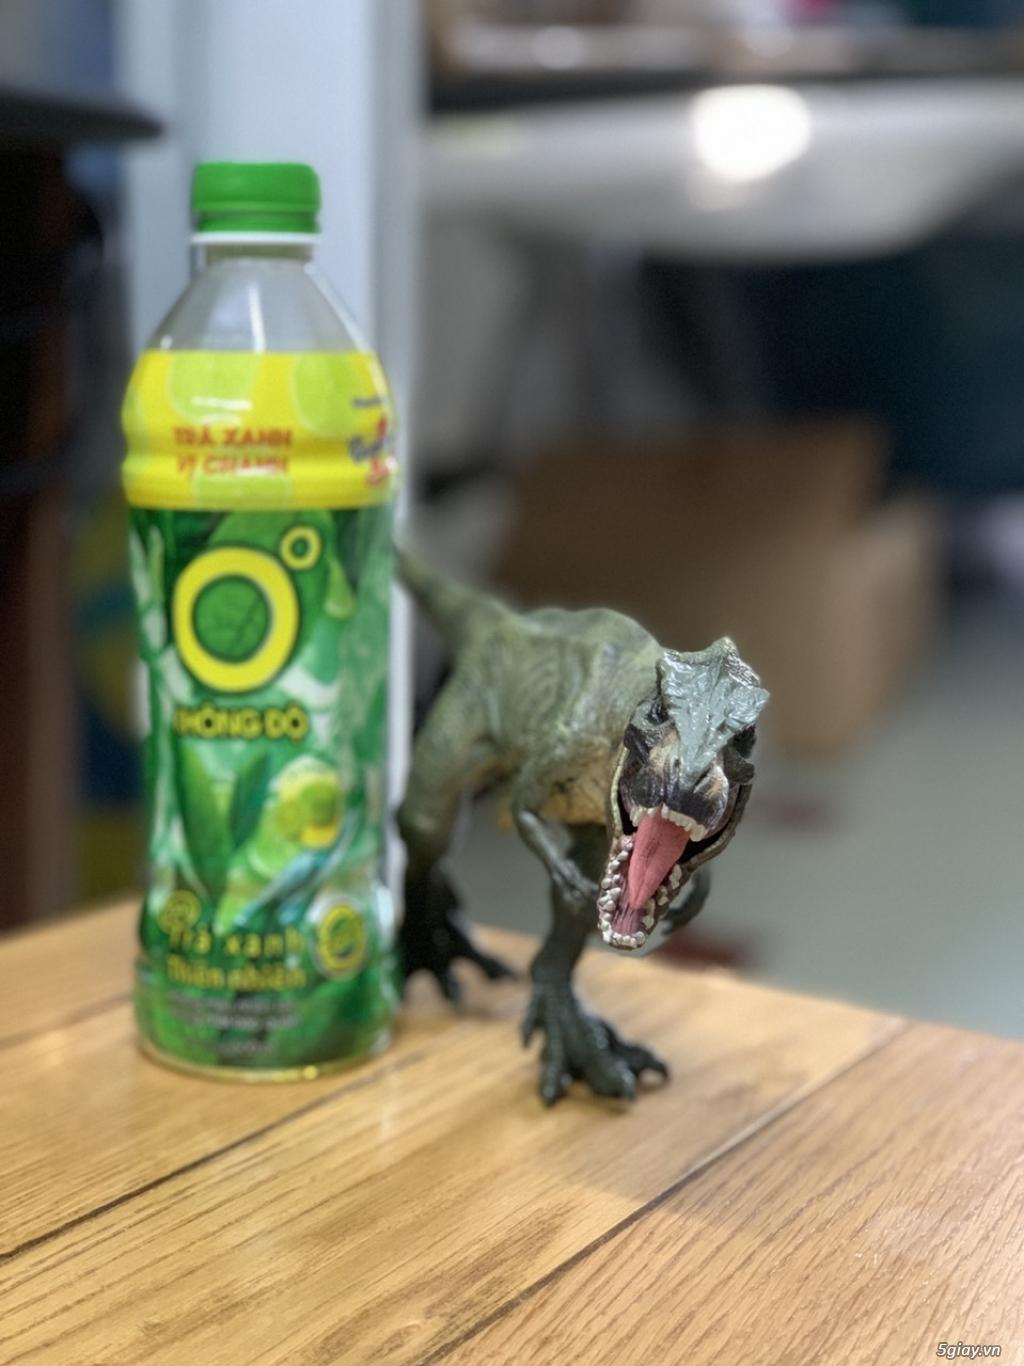 Mô hình thú - khủng long, cá sấu, voi,cọp........... - 1